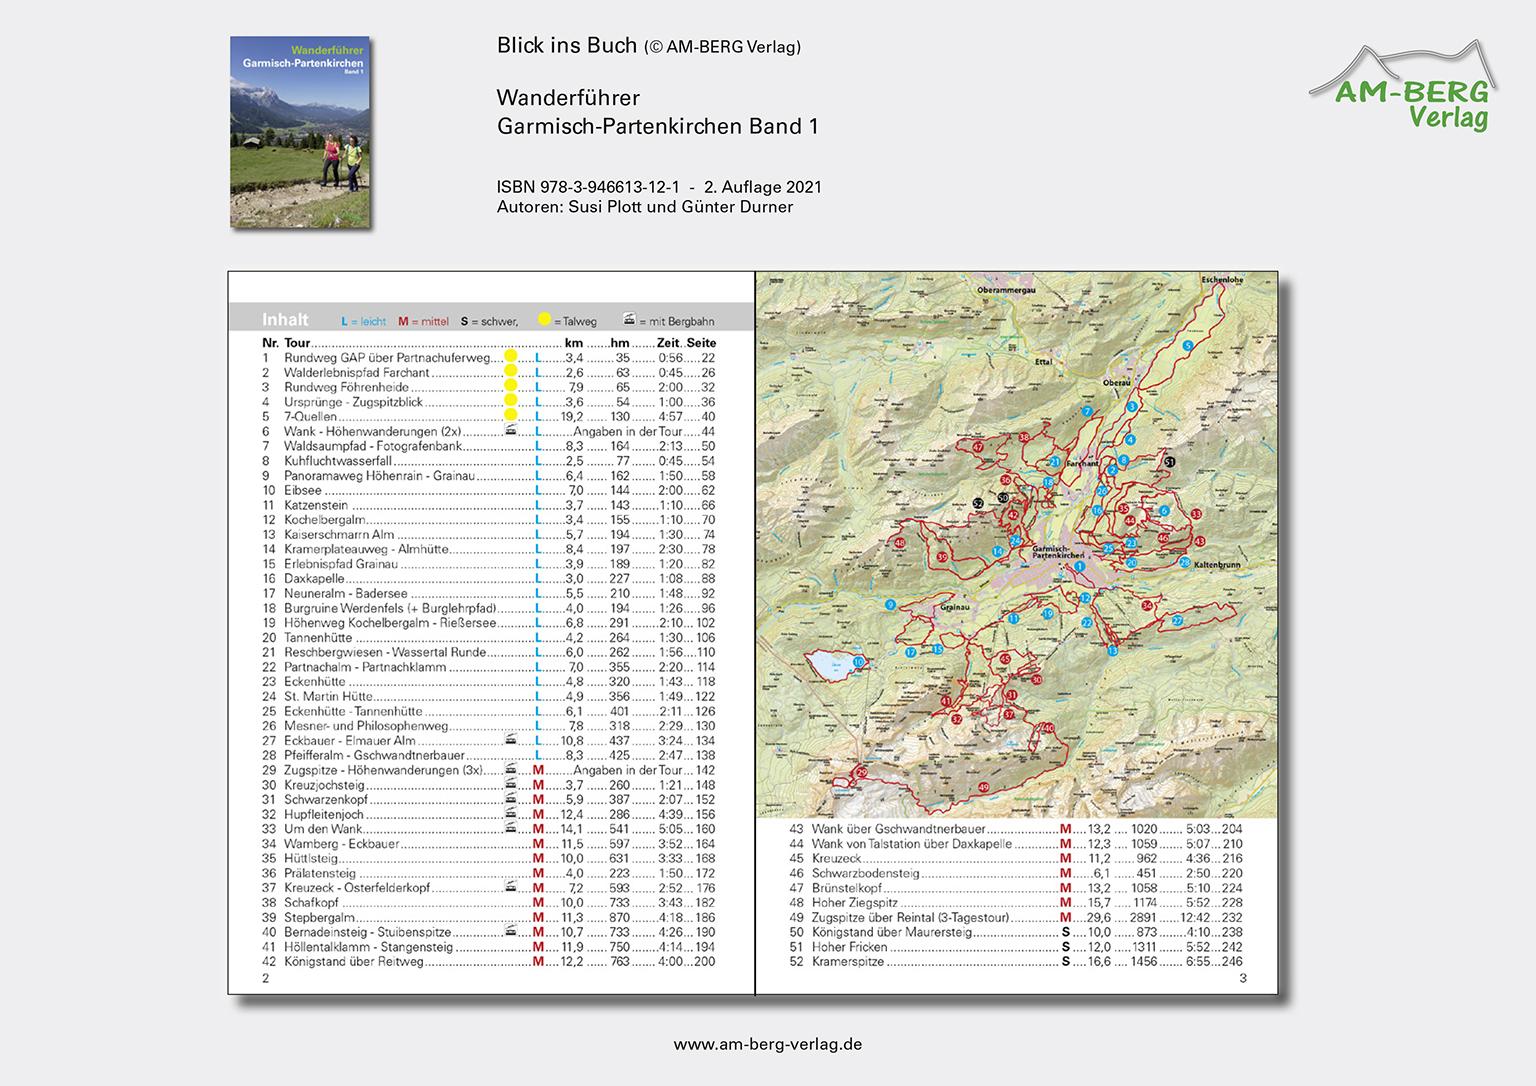 Wanderführer Garmisch-Partenkirchen Band 1_Blick ins Buch02